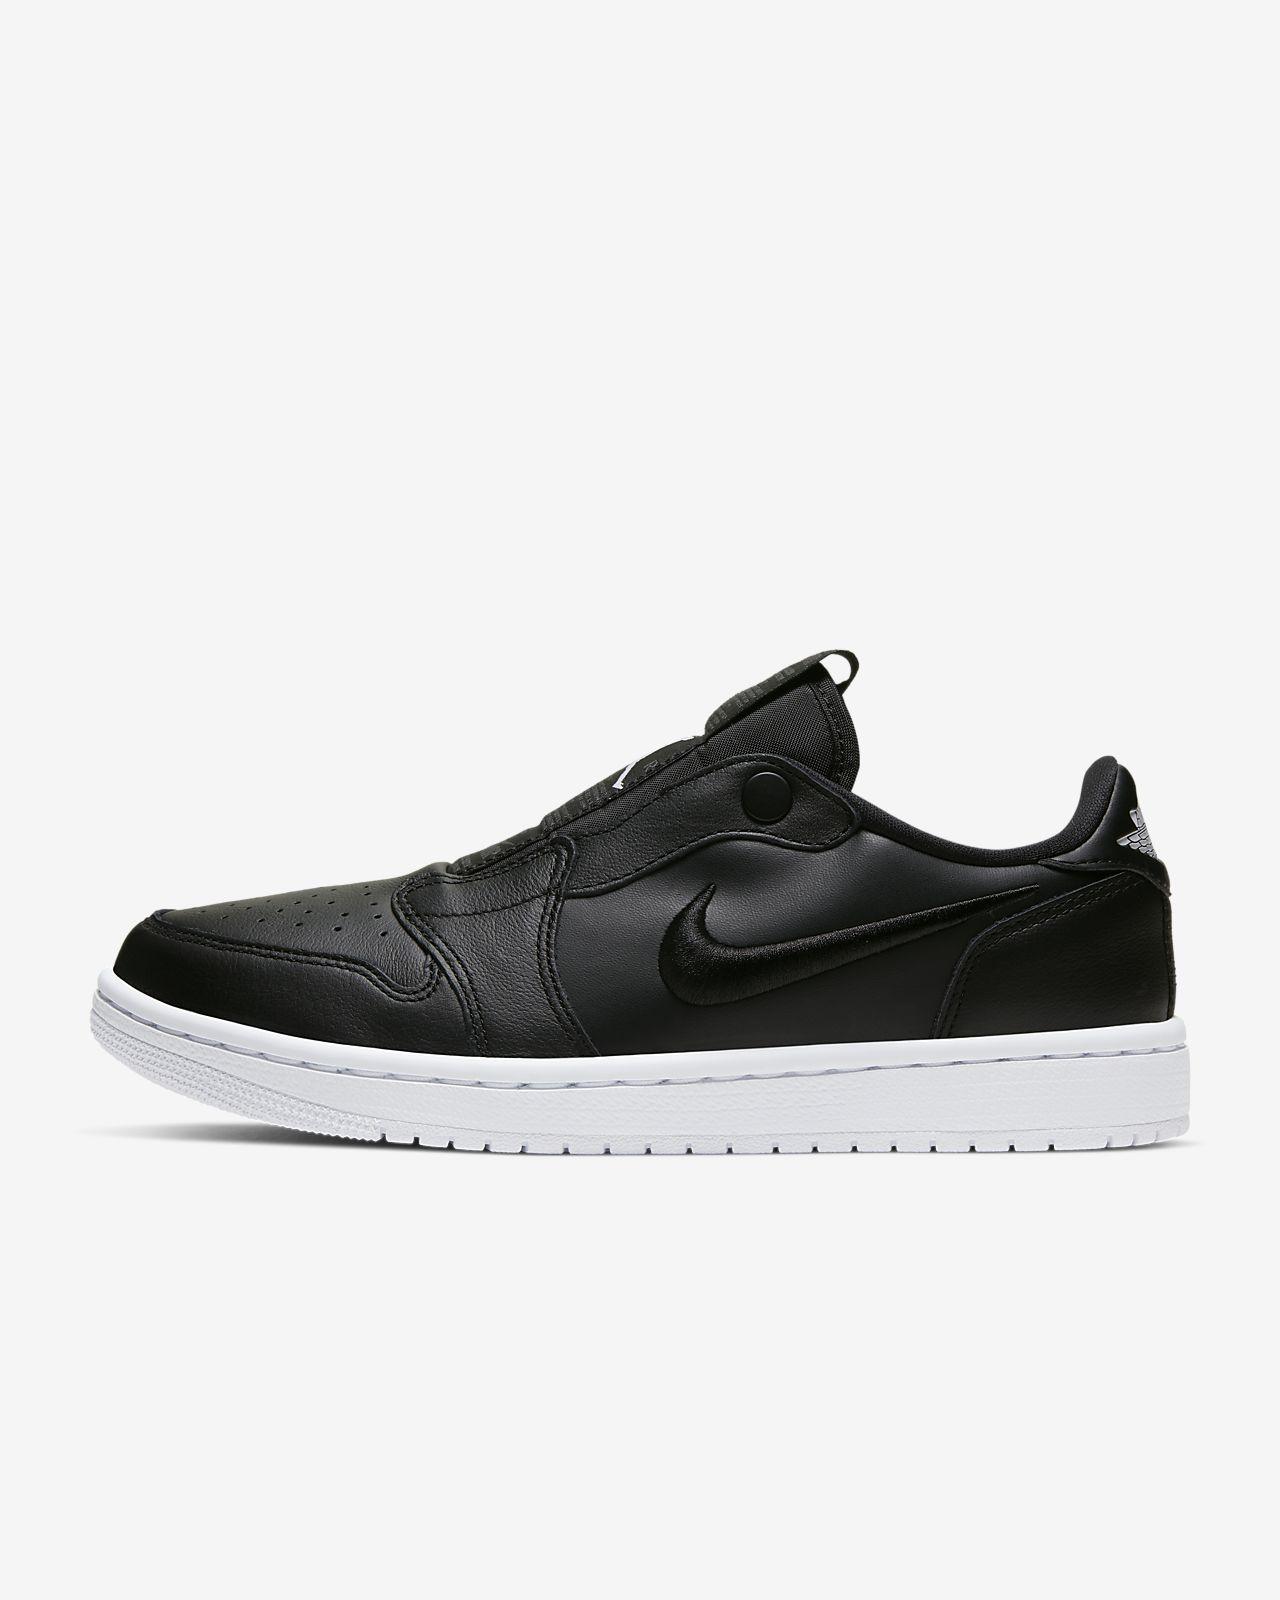 Γυναικείο παπούτσι Air Jordan 1 Retro Low Slip